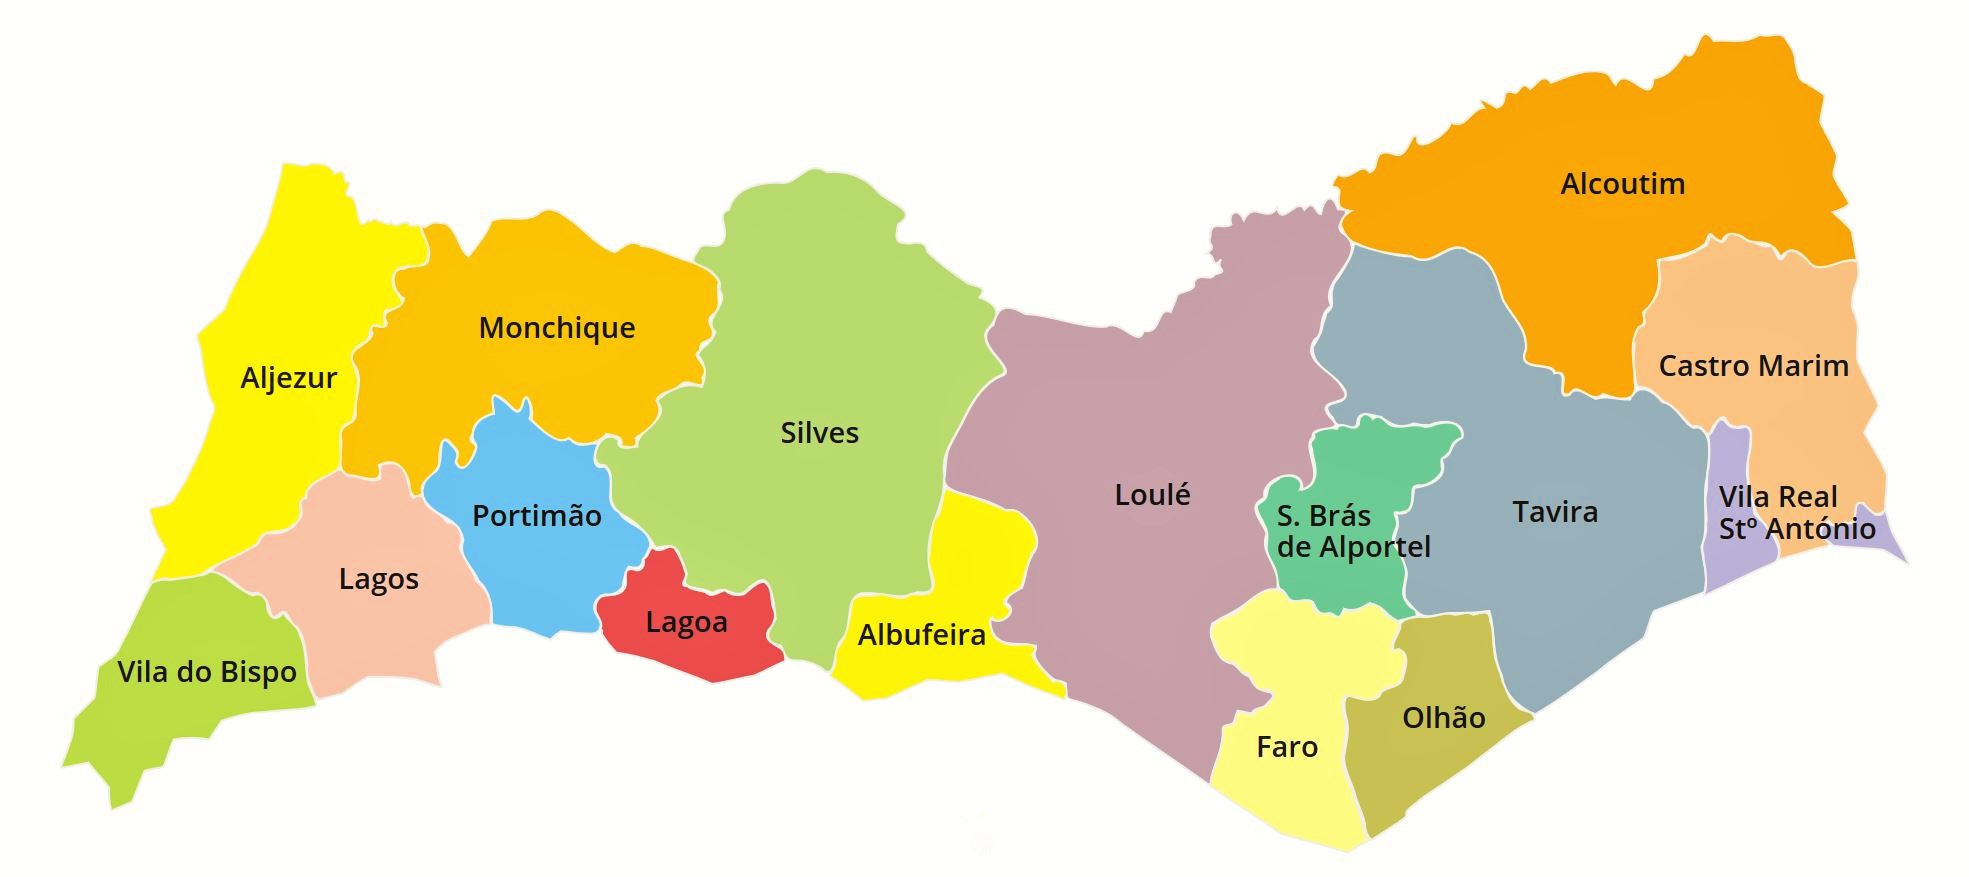 Flughafen Algarve Karte.Orte Der Algarve Wichtigste Städtetipps Algarve Für Entdecker